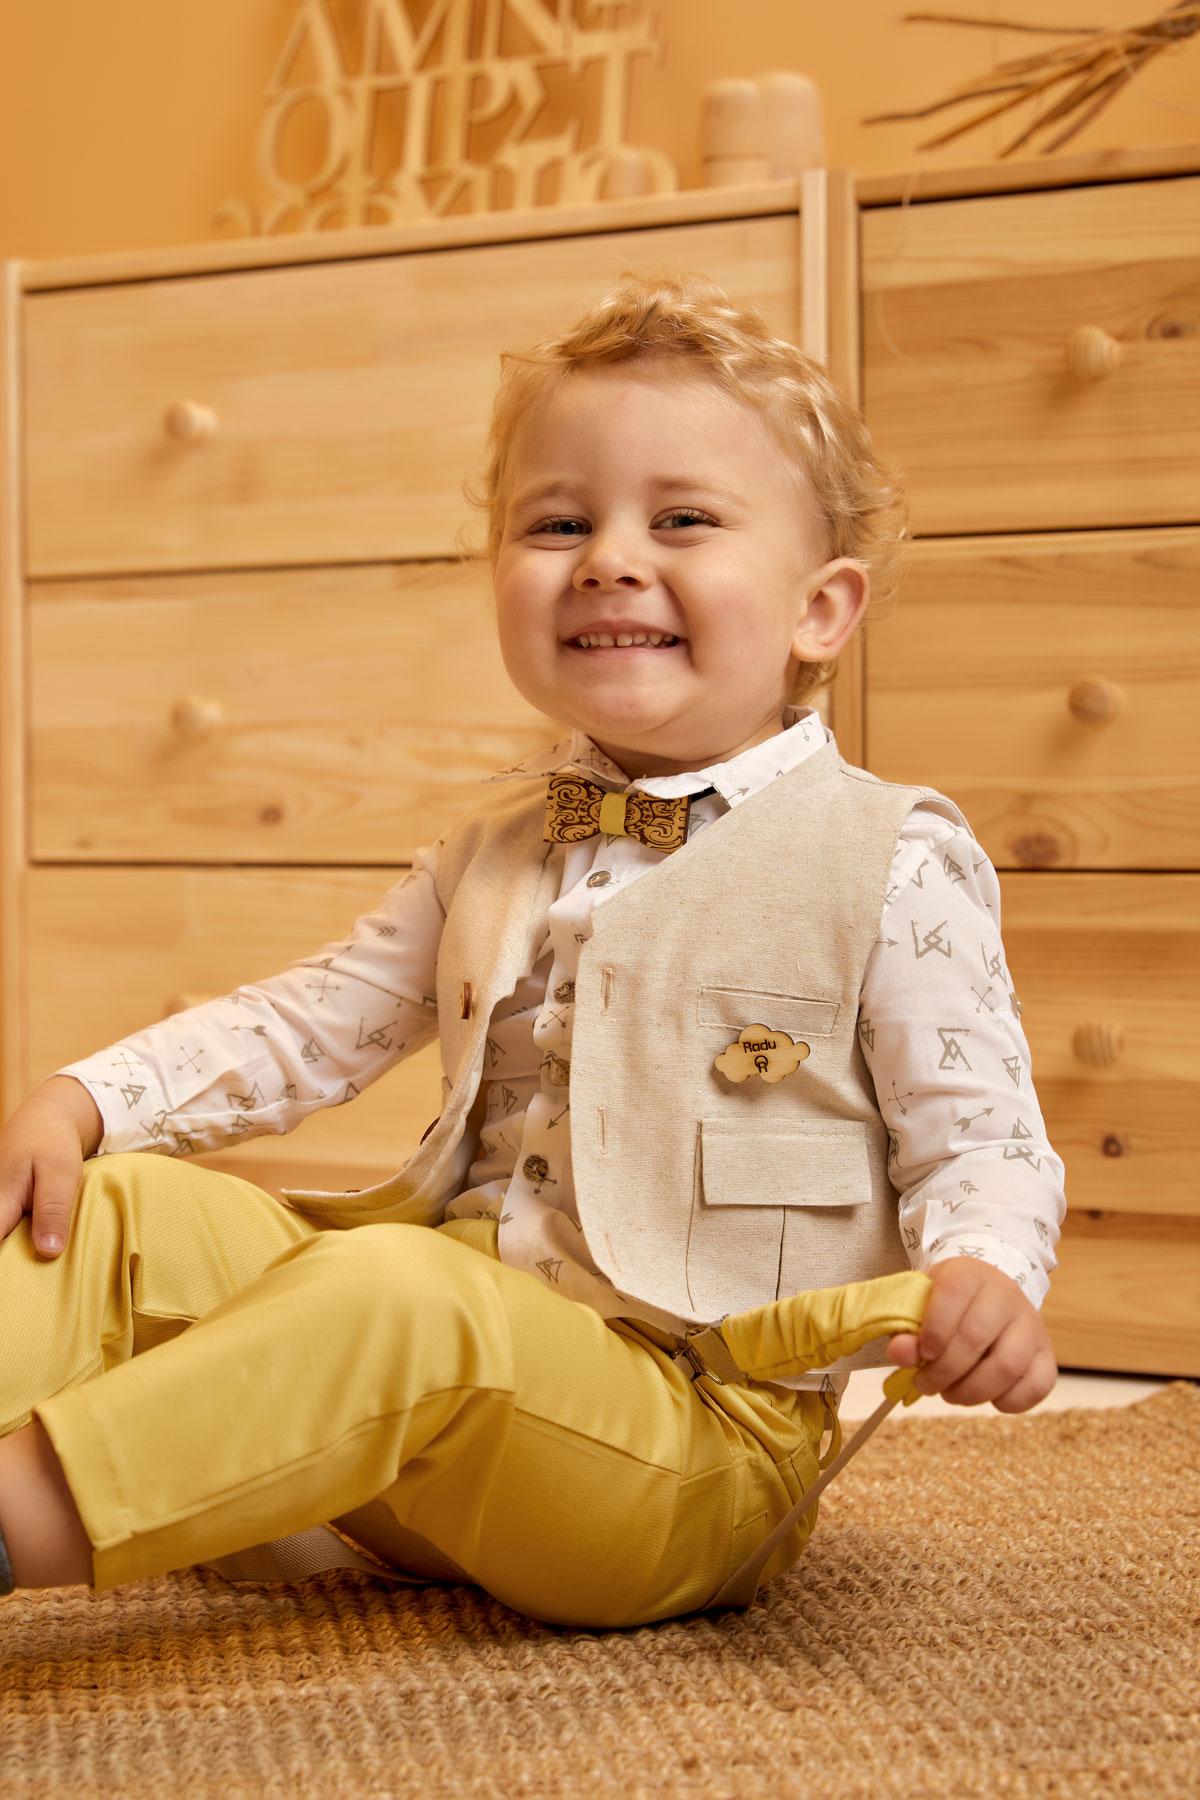 Βαπτιστικό σύνολο κροκί παντελόνι και λευκό πουκάμισο με καφέ βελάκια